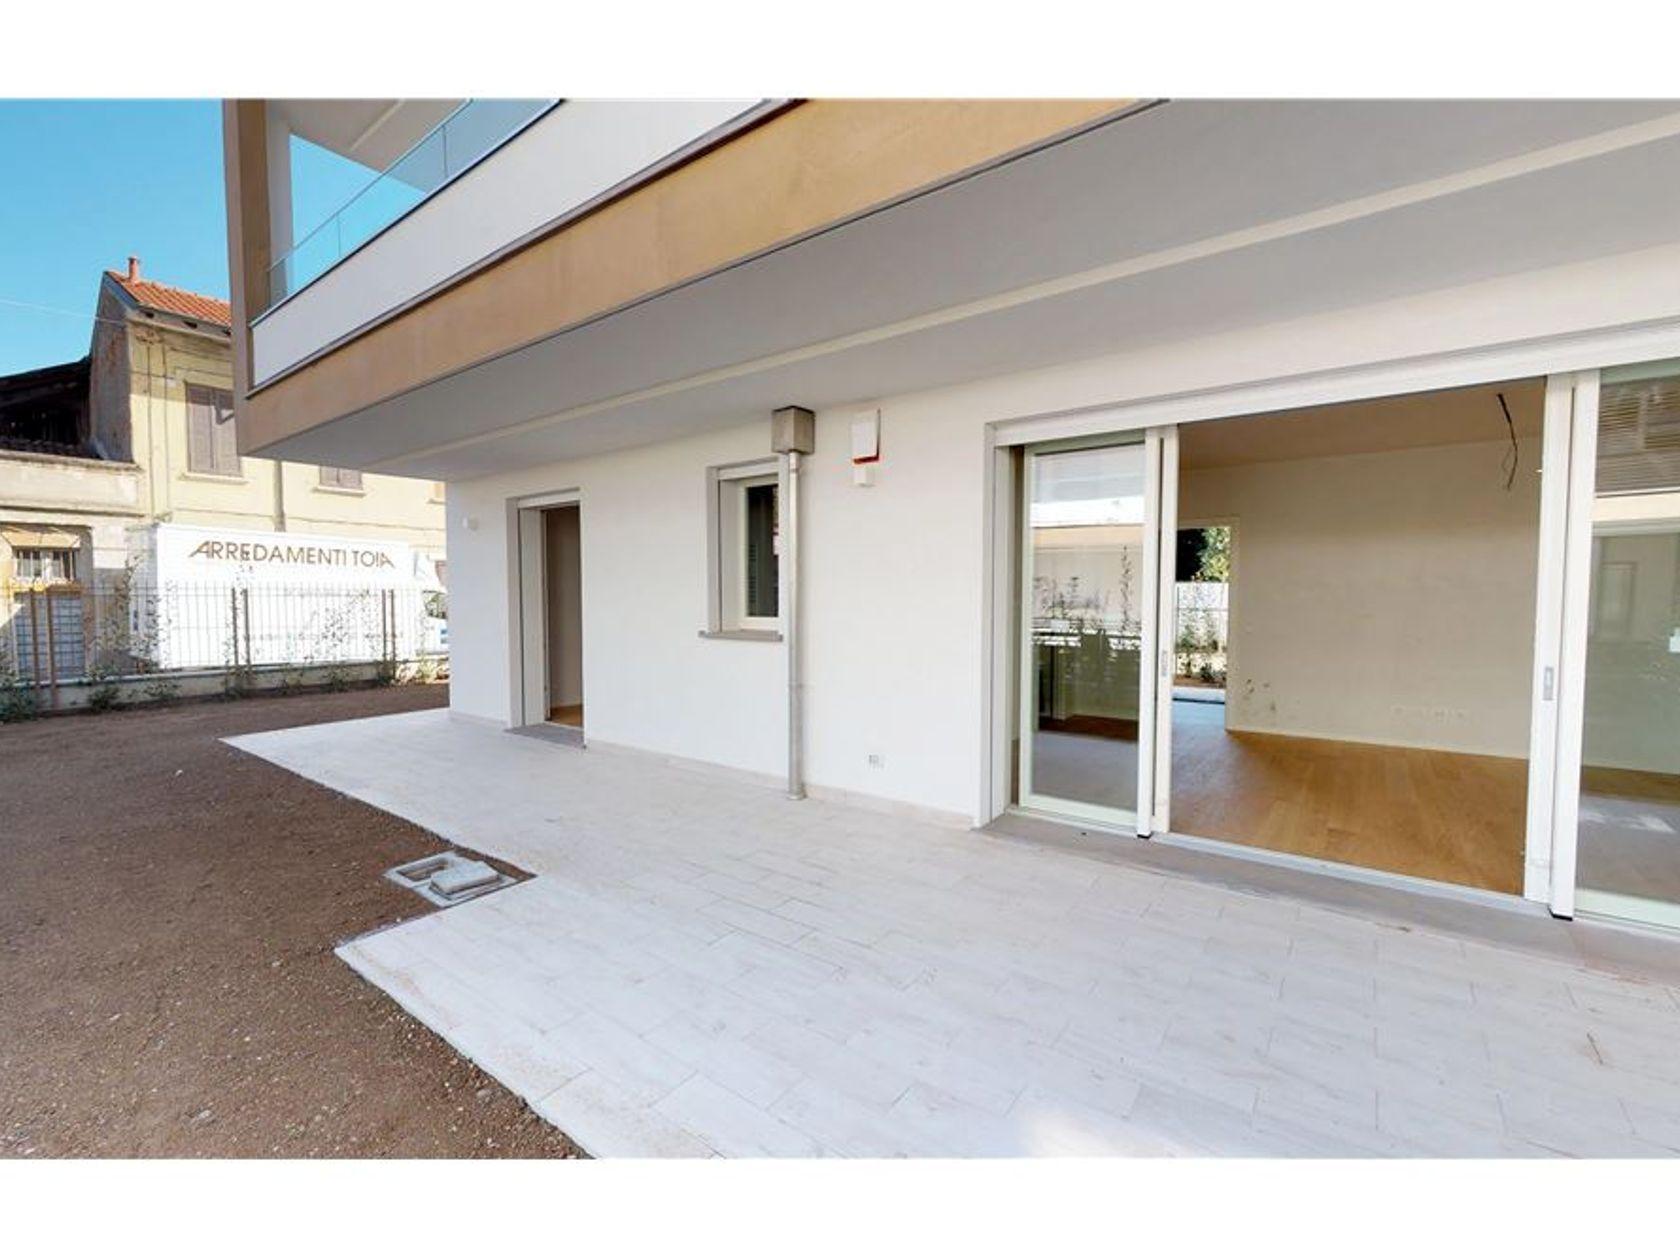 Appartamento Parabiago, MI Vendita - Foto 13